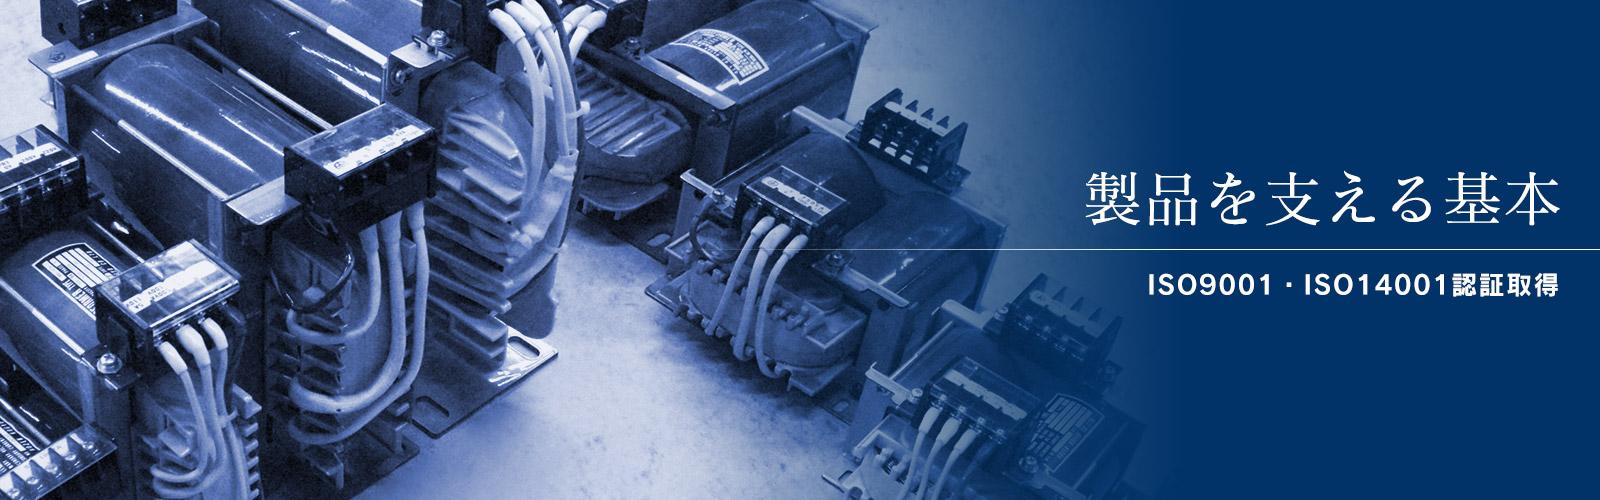 製品を支える基本 ISO9001・ISO14001認証取得